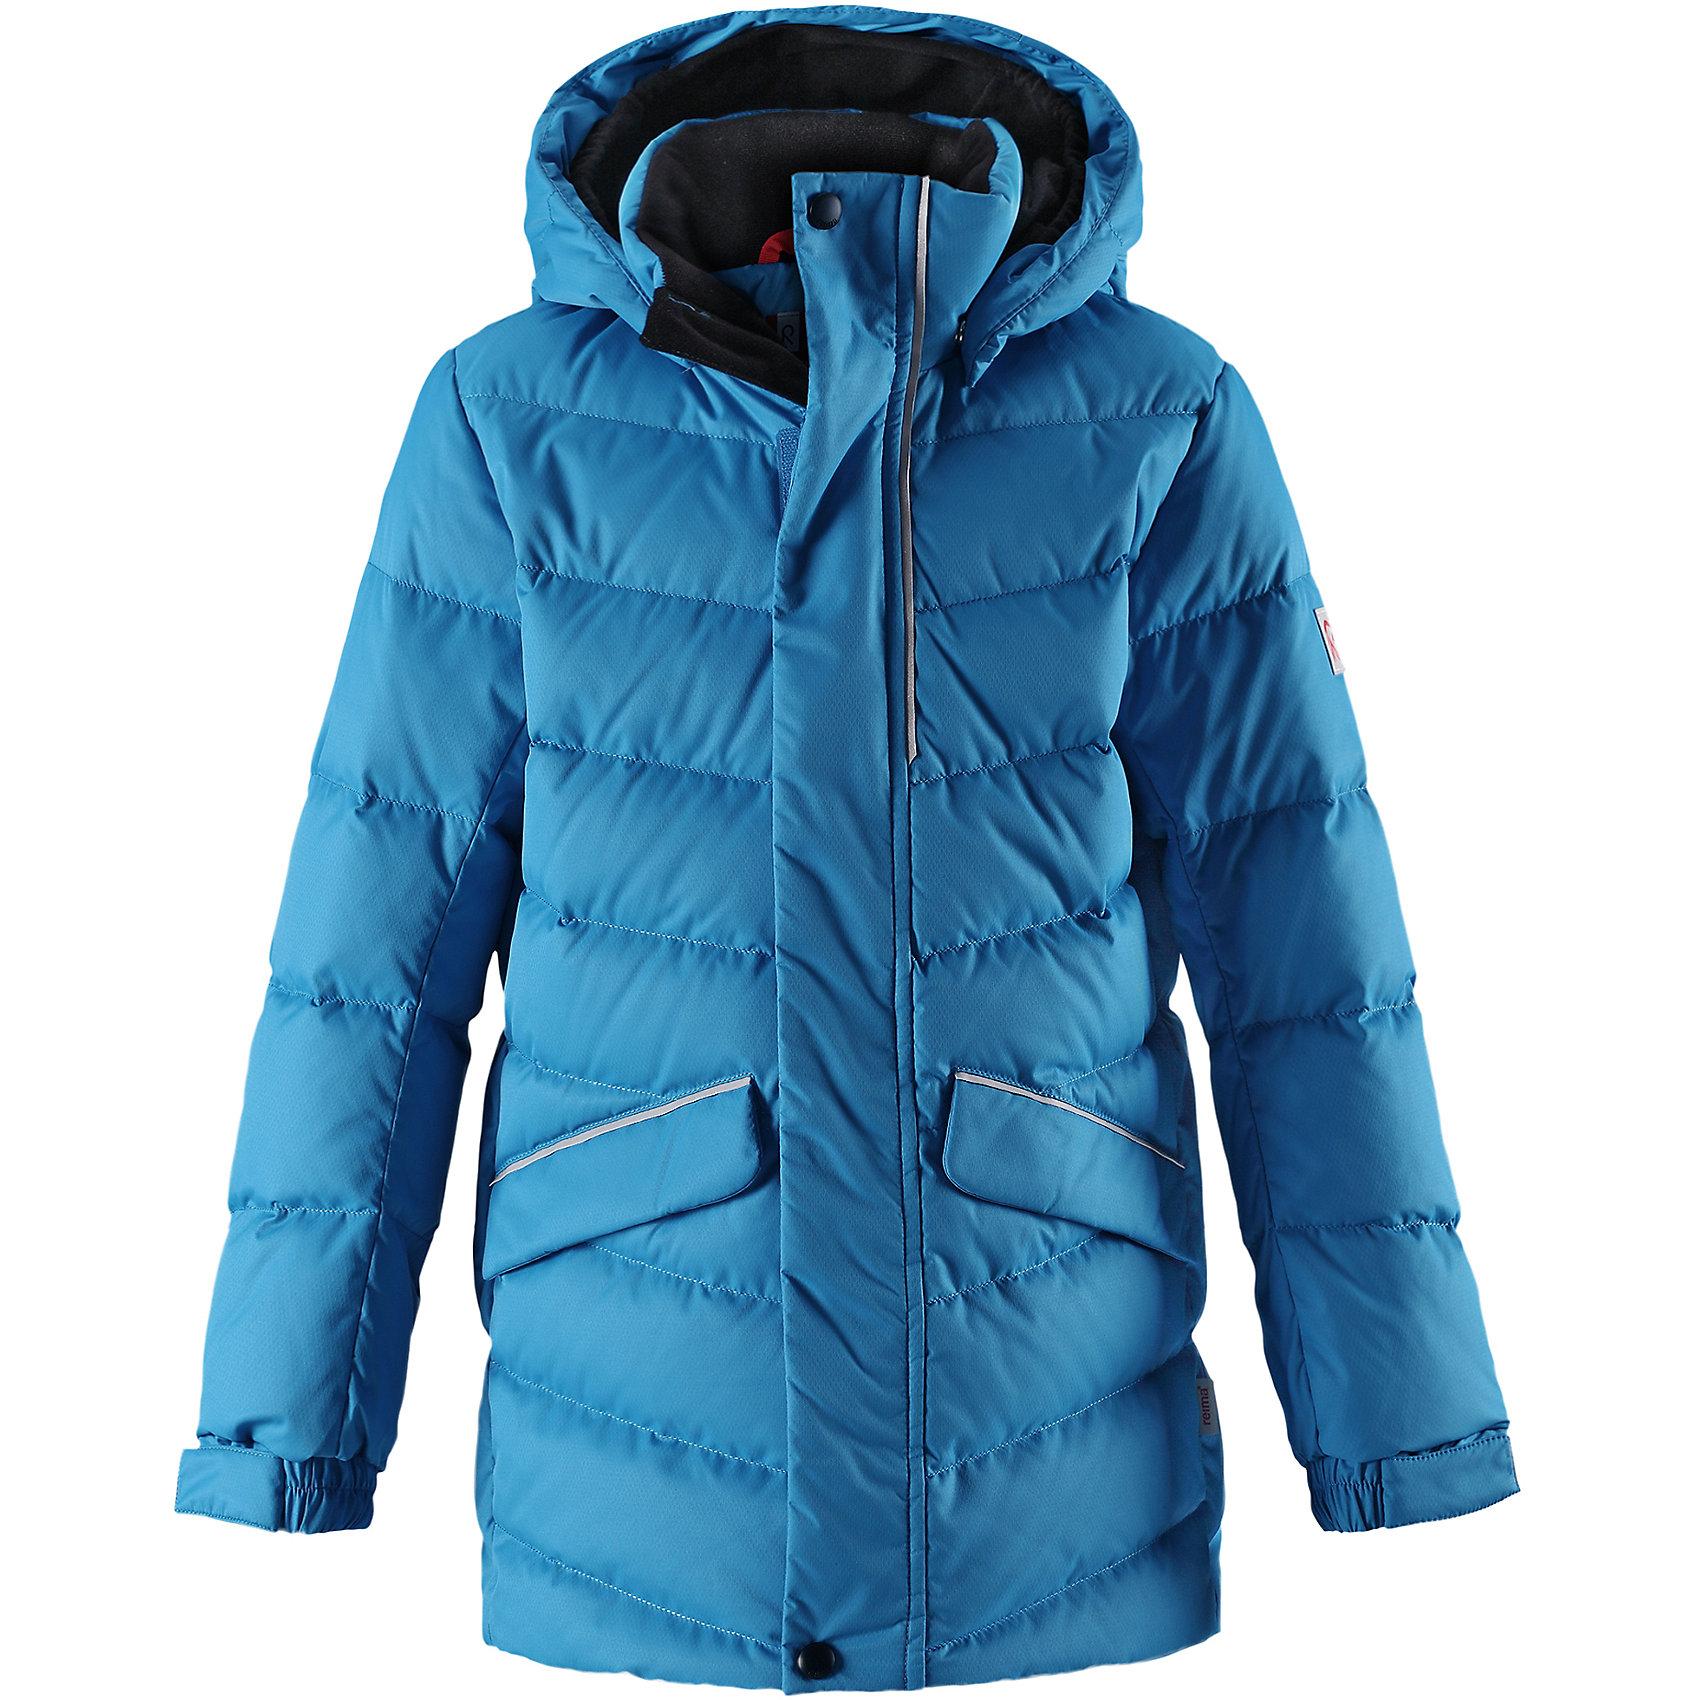 Куртка Reima Janne для мальчикаВерхняя одежда<br>Характеристики товара:<br><br>• цвет: голубой;<br>• состав: 100% полиэстер;<br>• подкладка: 100% полиэстер;<br>• утеплитель: 60% пух, 40; перо;<br>• сезон: зима;<br>• температурный режим: от 0 до -30С;<br>• водонепроницаемость: 5000 мм;<br>• воздухопроницаемость: 2000 мм;<br>• износостойкость: 10000 циклов (тест Мартиндейла);<br>• водо- и ветронепроницаемый, дышащий и грязеотталкивающий материал;<br>• основные швы проклеены и не пропускают влагу;<br>• застежка: молния с дополнительной планкой;<br>• гладкая подкладка из полиэстера;<br>• безопасный съемный капюшон;<br>• регулируемые манжеты и подол;<br>• петля для дополнительных светоотражающих деталей;<br>• два кармана с кнопками:<br>• светоотражающие детали;<br>• страна бренда: Финляндия;<br>• страна изготовитель: Китай.<br><br>Пуховая куртка для спорта и прогулок по городу. Поверхность с ромбовидным узором добби, утеплитель пух/перо (60/40%). Эта удлиненная модель изготовлена из дышащего, водо и ветронепроницаемого материала. В куртке вашему ребенку будет тепло и уютно в морозный день. Благодаря подкладке из гладкого полиэстера, куртка легко надевается. <br><br>Снабжена безопасным съемным капюшоном, а также регулируемыми манжетами и подолом. Куртка изготовлена из грязеотталкивающего материала, но при этом ее можно сушить в сушильной машине. Она снабжена двумя карманами с клапанами, в одном из которых спрятана удобная петелька. Прикрепите на нее любимый светоотражатель вашего ребенка и обеспечьте ему безопасность и лучшую видимость!<br><br>Куртку Janne для мальчика Reima от финского бренда Reima (Рейма) можно купить в нашем интернет-магазине.<br><br>Ширина мм: 356<br>Глубина мм: 10<br>Высота мм: 245<br>Вес г: 519<br>Цвет: синий<br>Возраст от месяцев: 36<br>Возраст до месяцев: 48<br>Пол: Мужской<br>Возраст: Детский<br>Размер: 104,164,158,152,146,140,134,128,122,116,110<br>SKU: 6903184